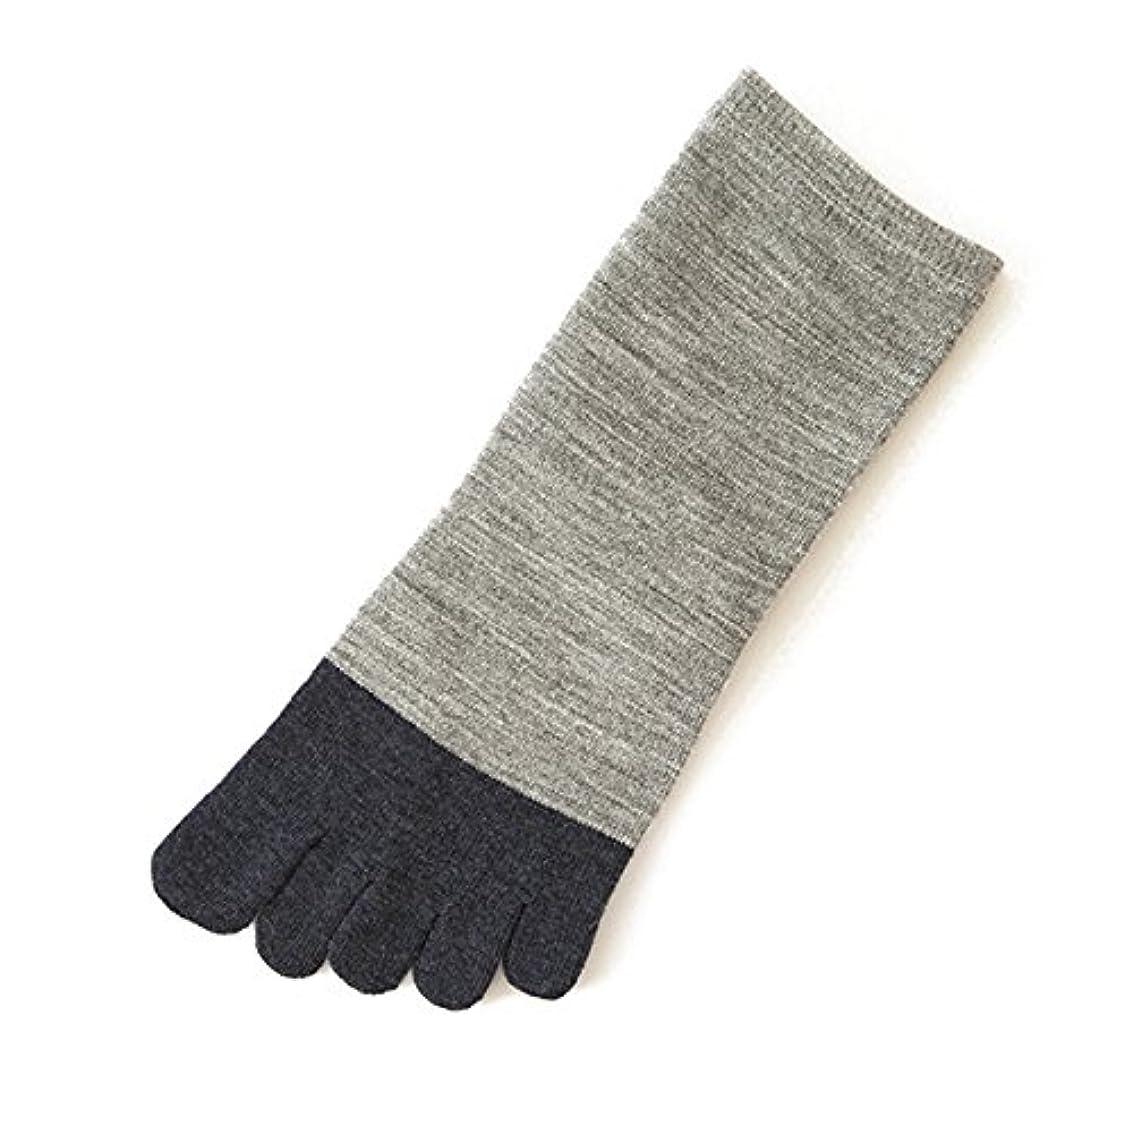 ヒント反論者セグメント[靴下屋]クツシタヤ 2面切り替え5本指ソックス 22.0~24.0cm 日本製 五本指靴下